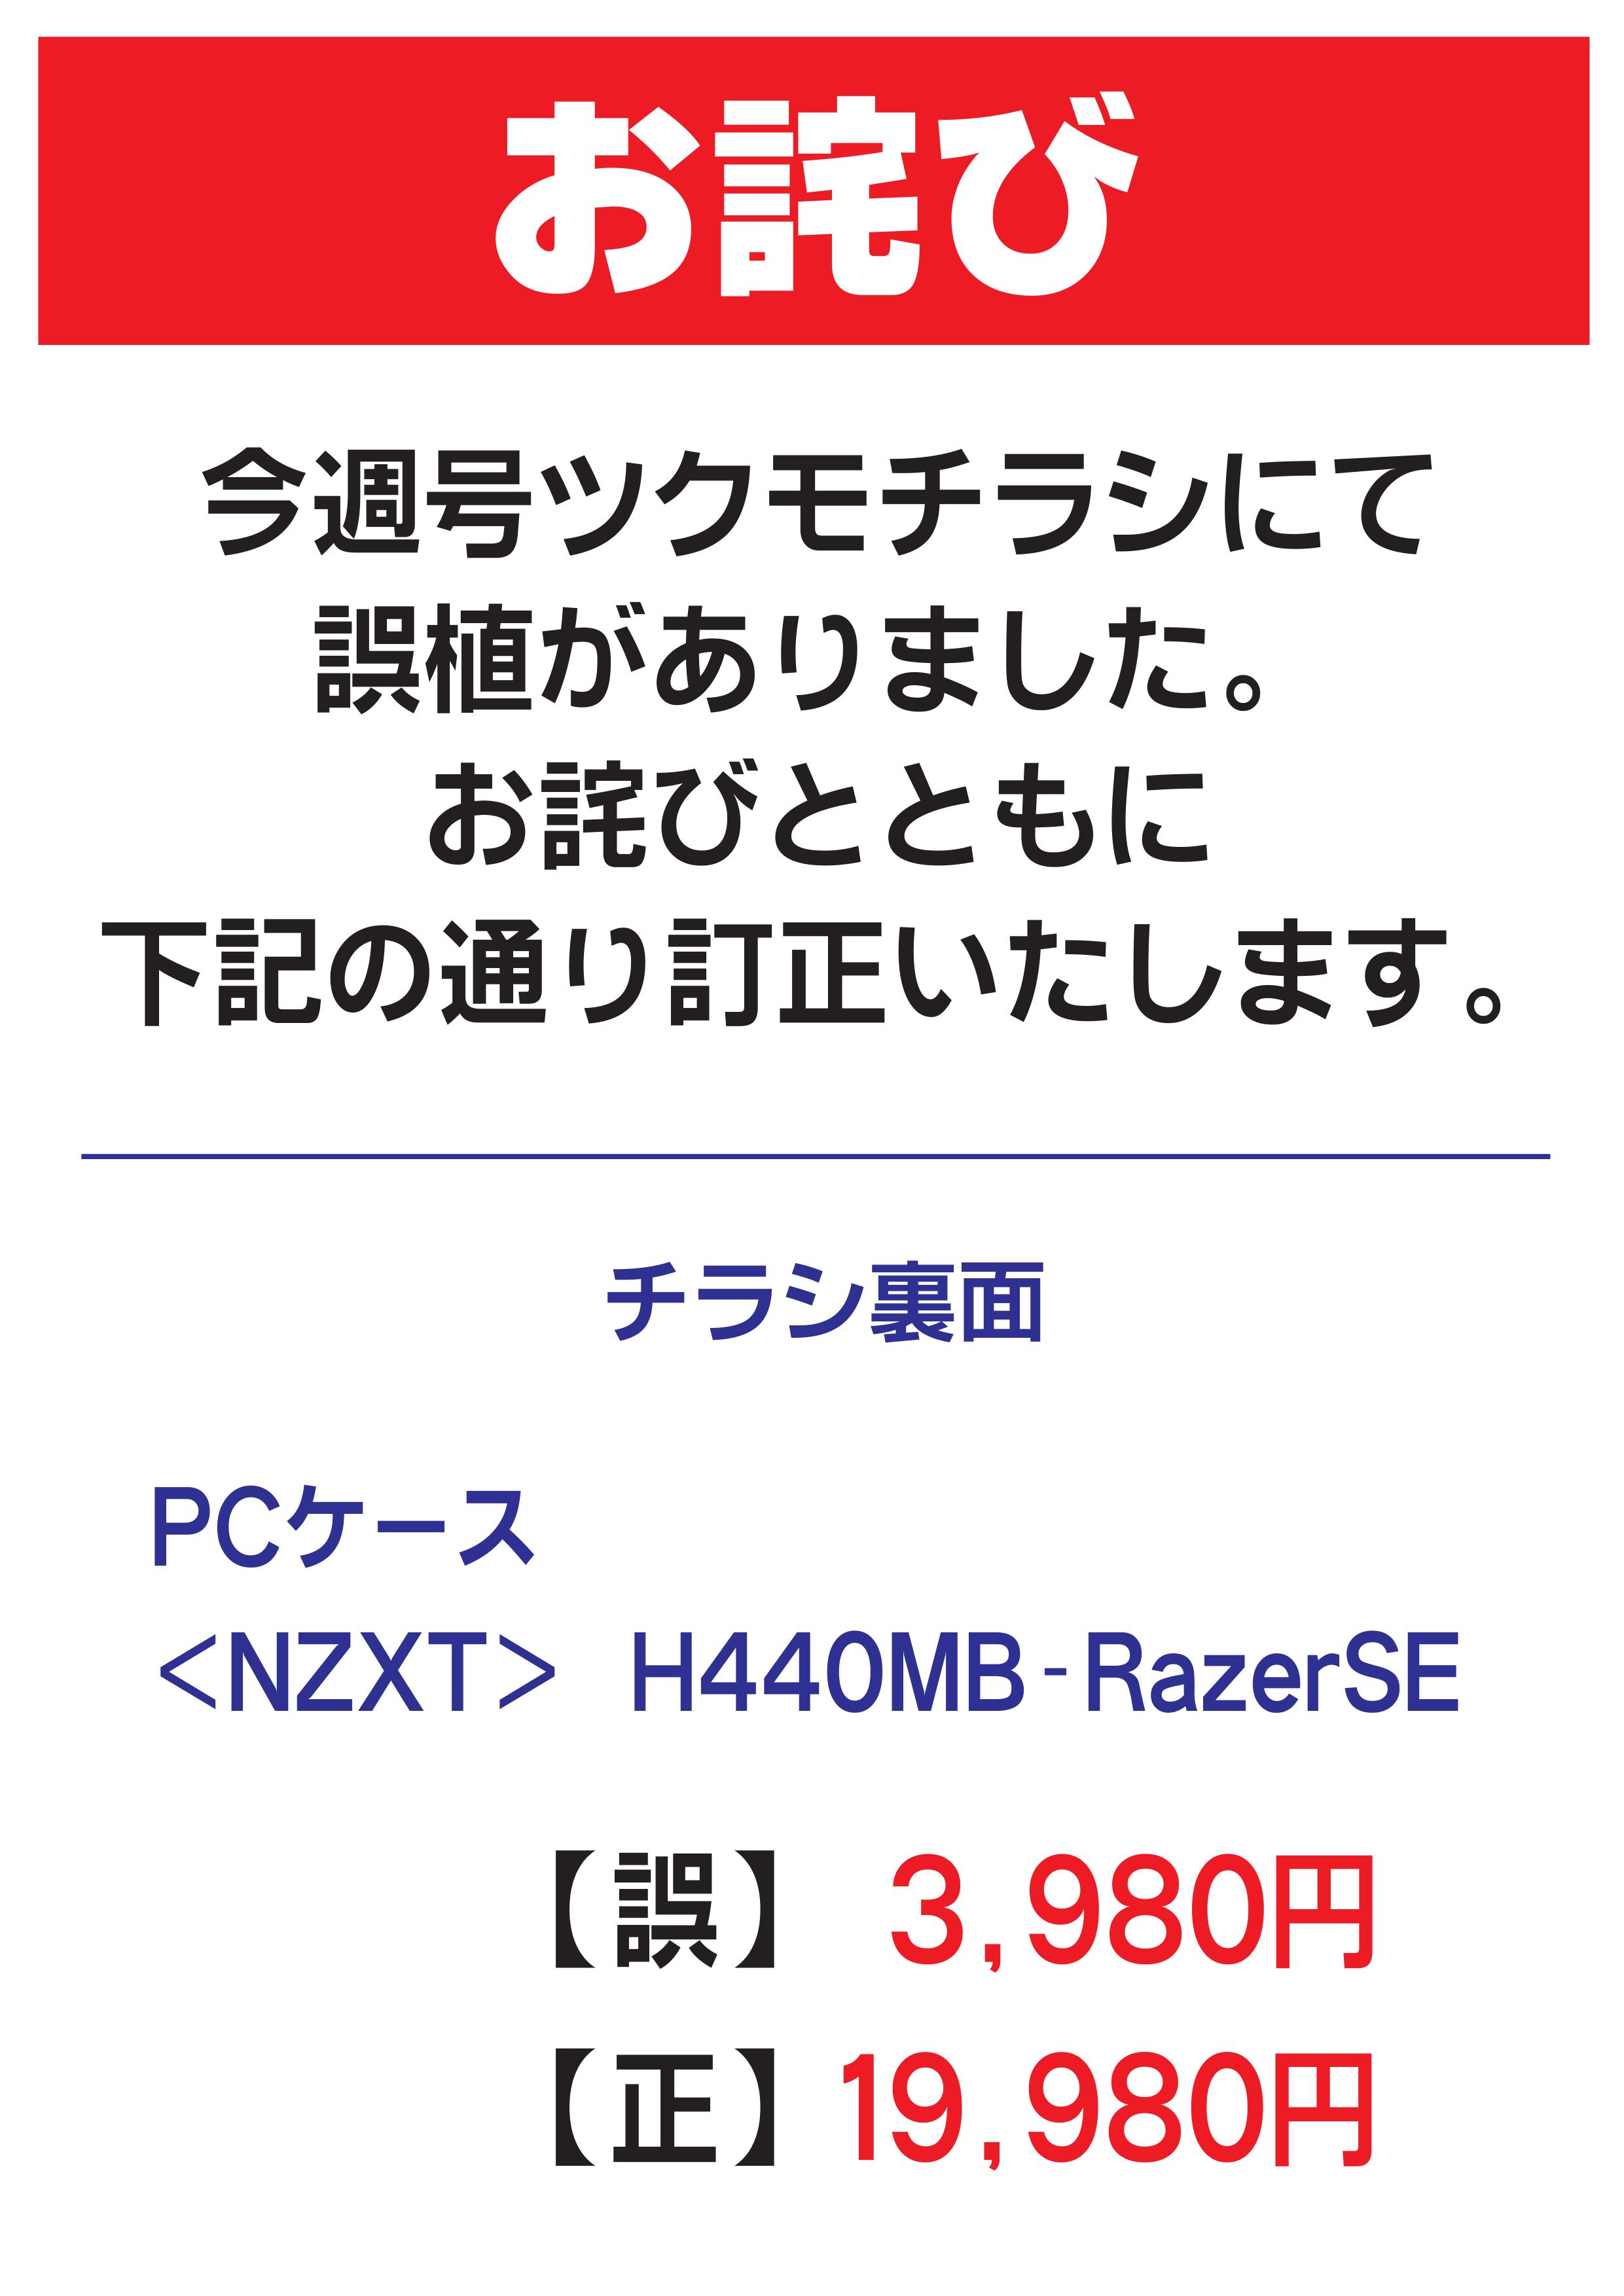 お詫び_0916_imgs-0001.png